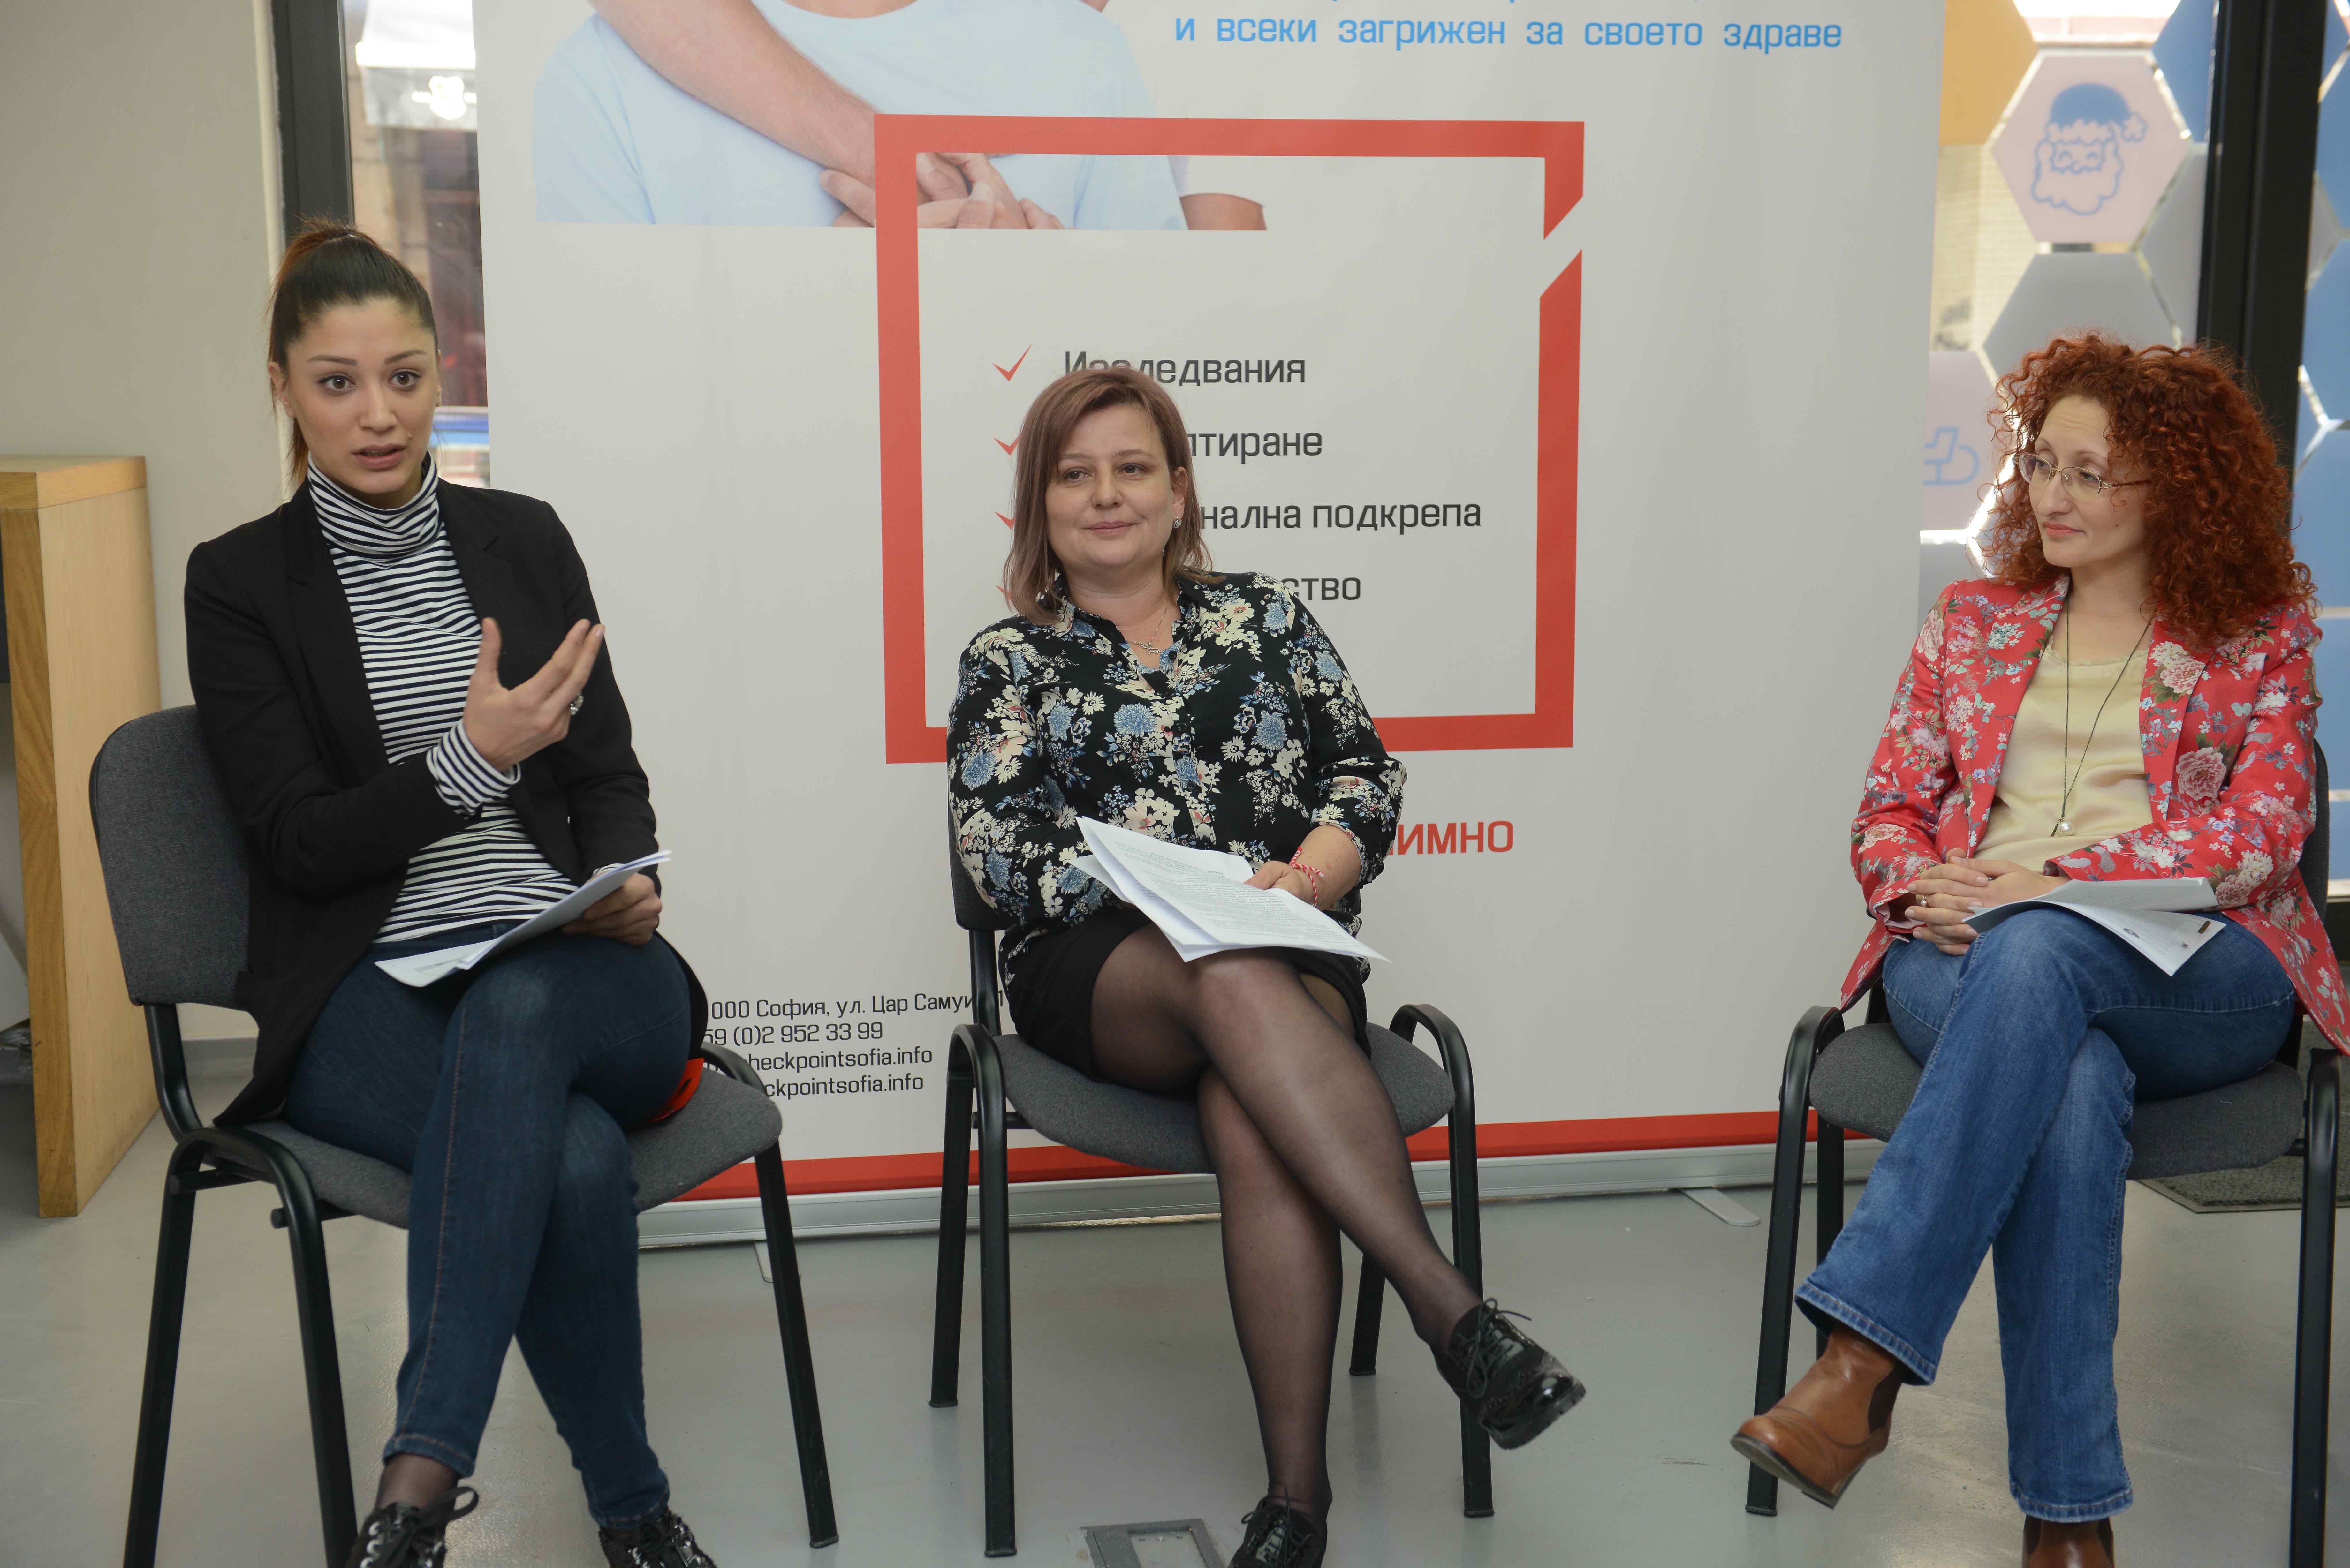 Всеки четвърти българин смята, че може да се инфектира с ХИВ от ползване на общи прибори, а всеки пети ще страни от колега с хепатит С